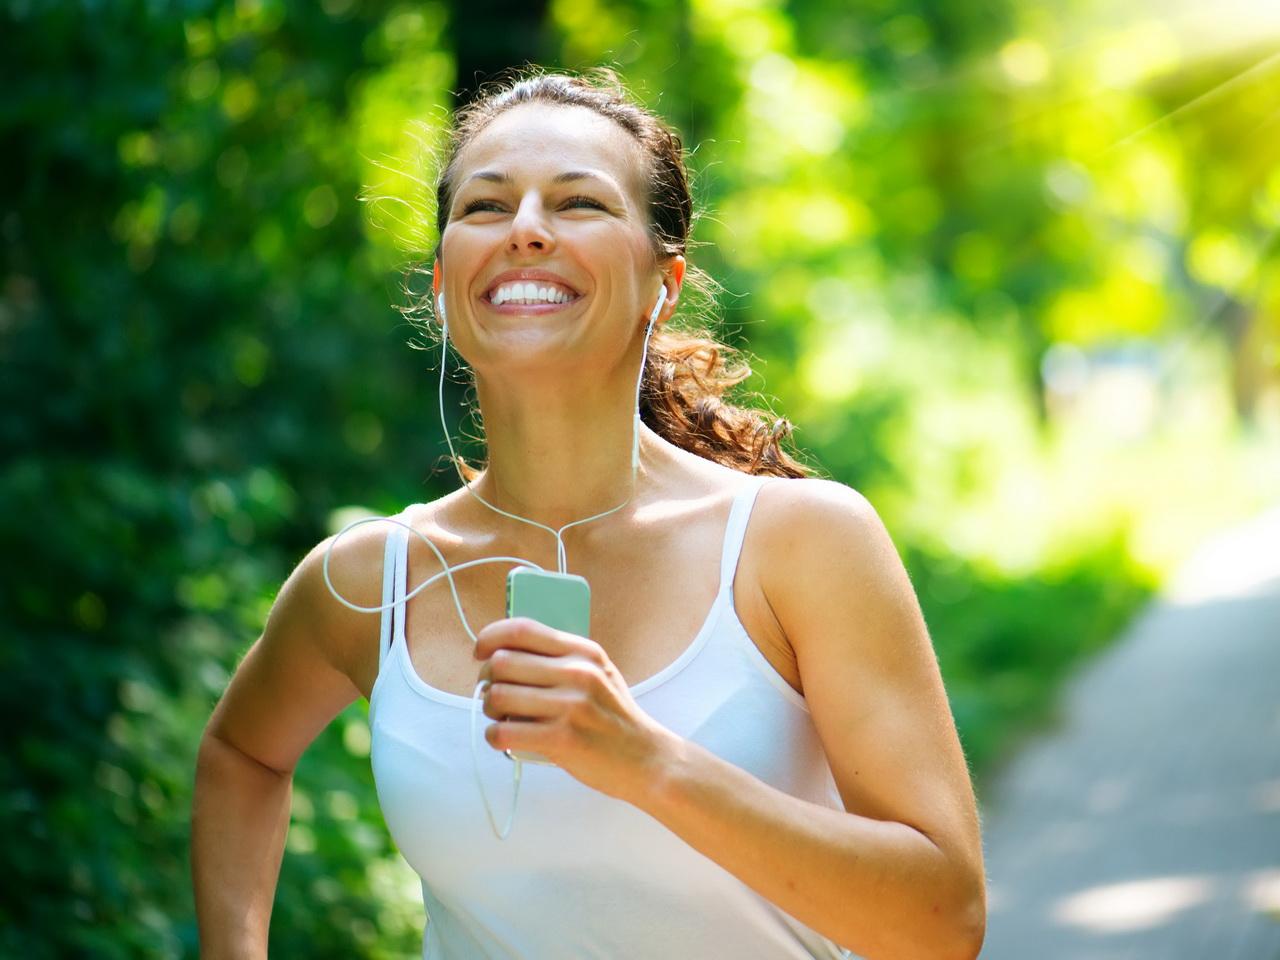 здоровый образ жизни гигиена личные свойства гигиены